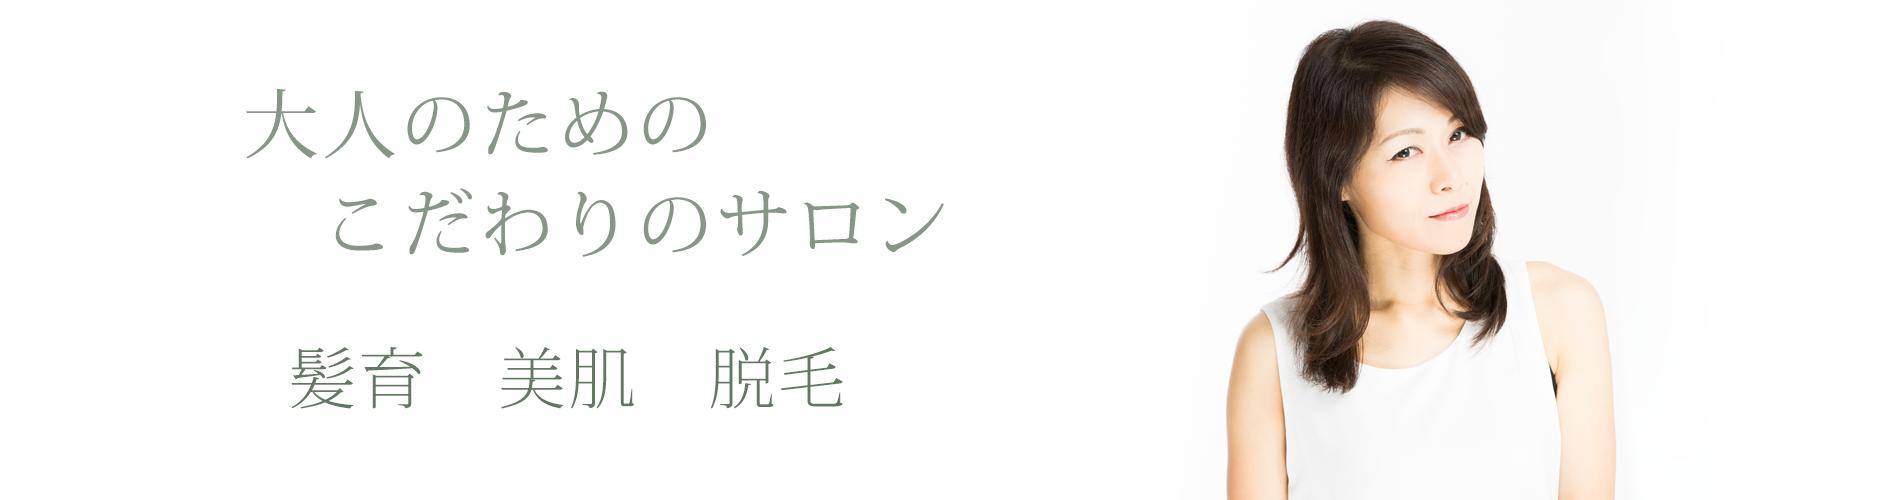 名古屋市守山区のエステ ブライダルエステ 髪育 脱毛 頭皮ケア トータルプロデュースKirei